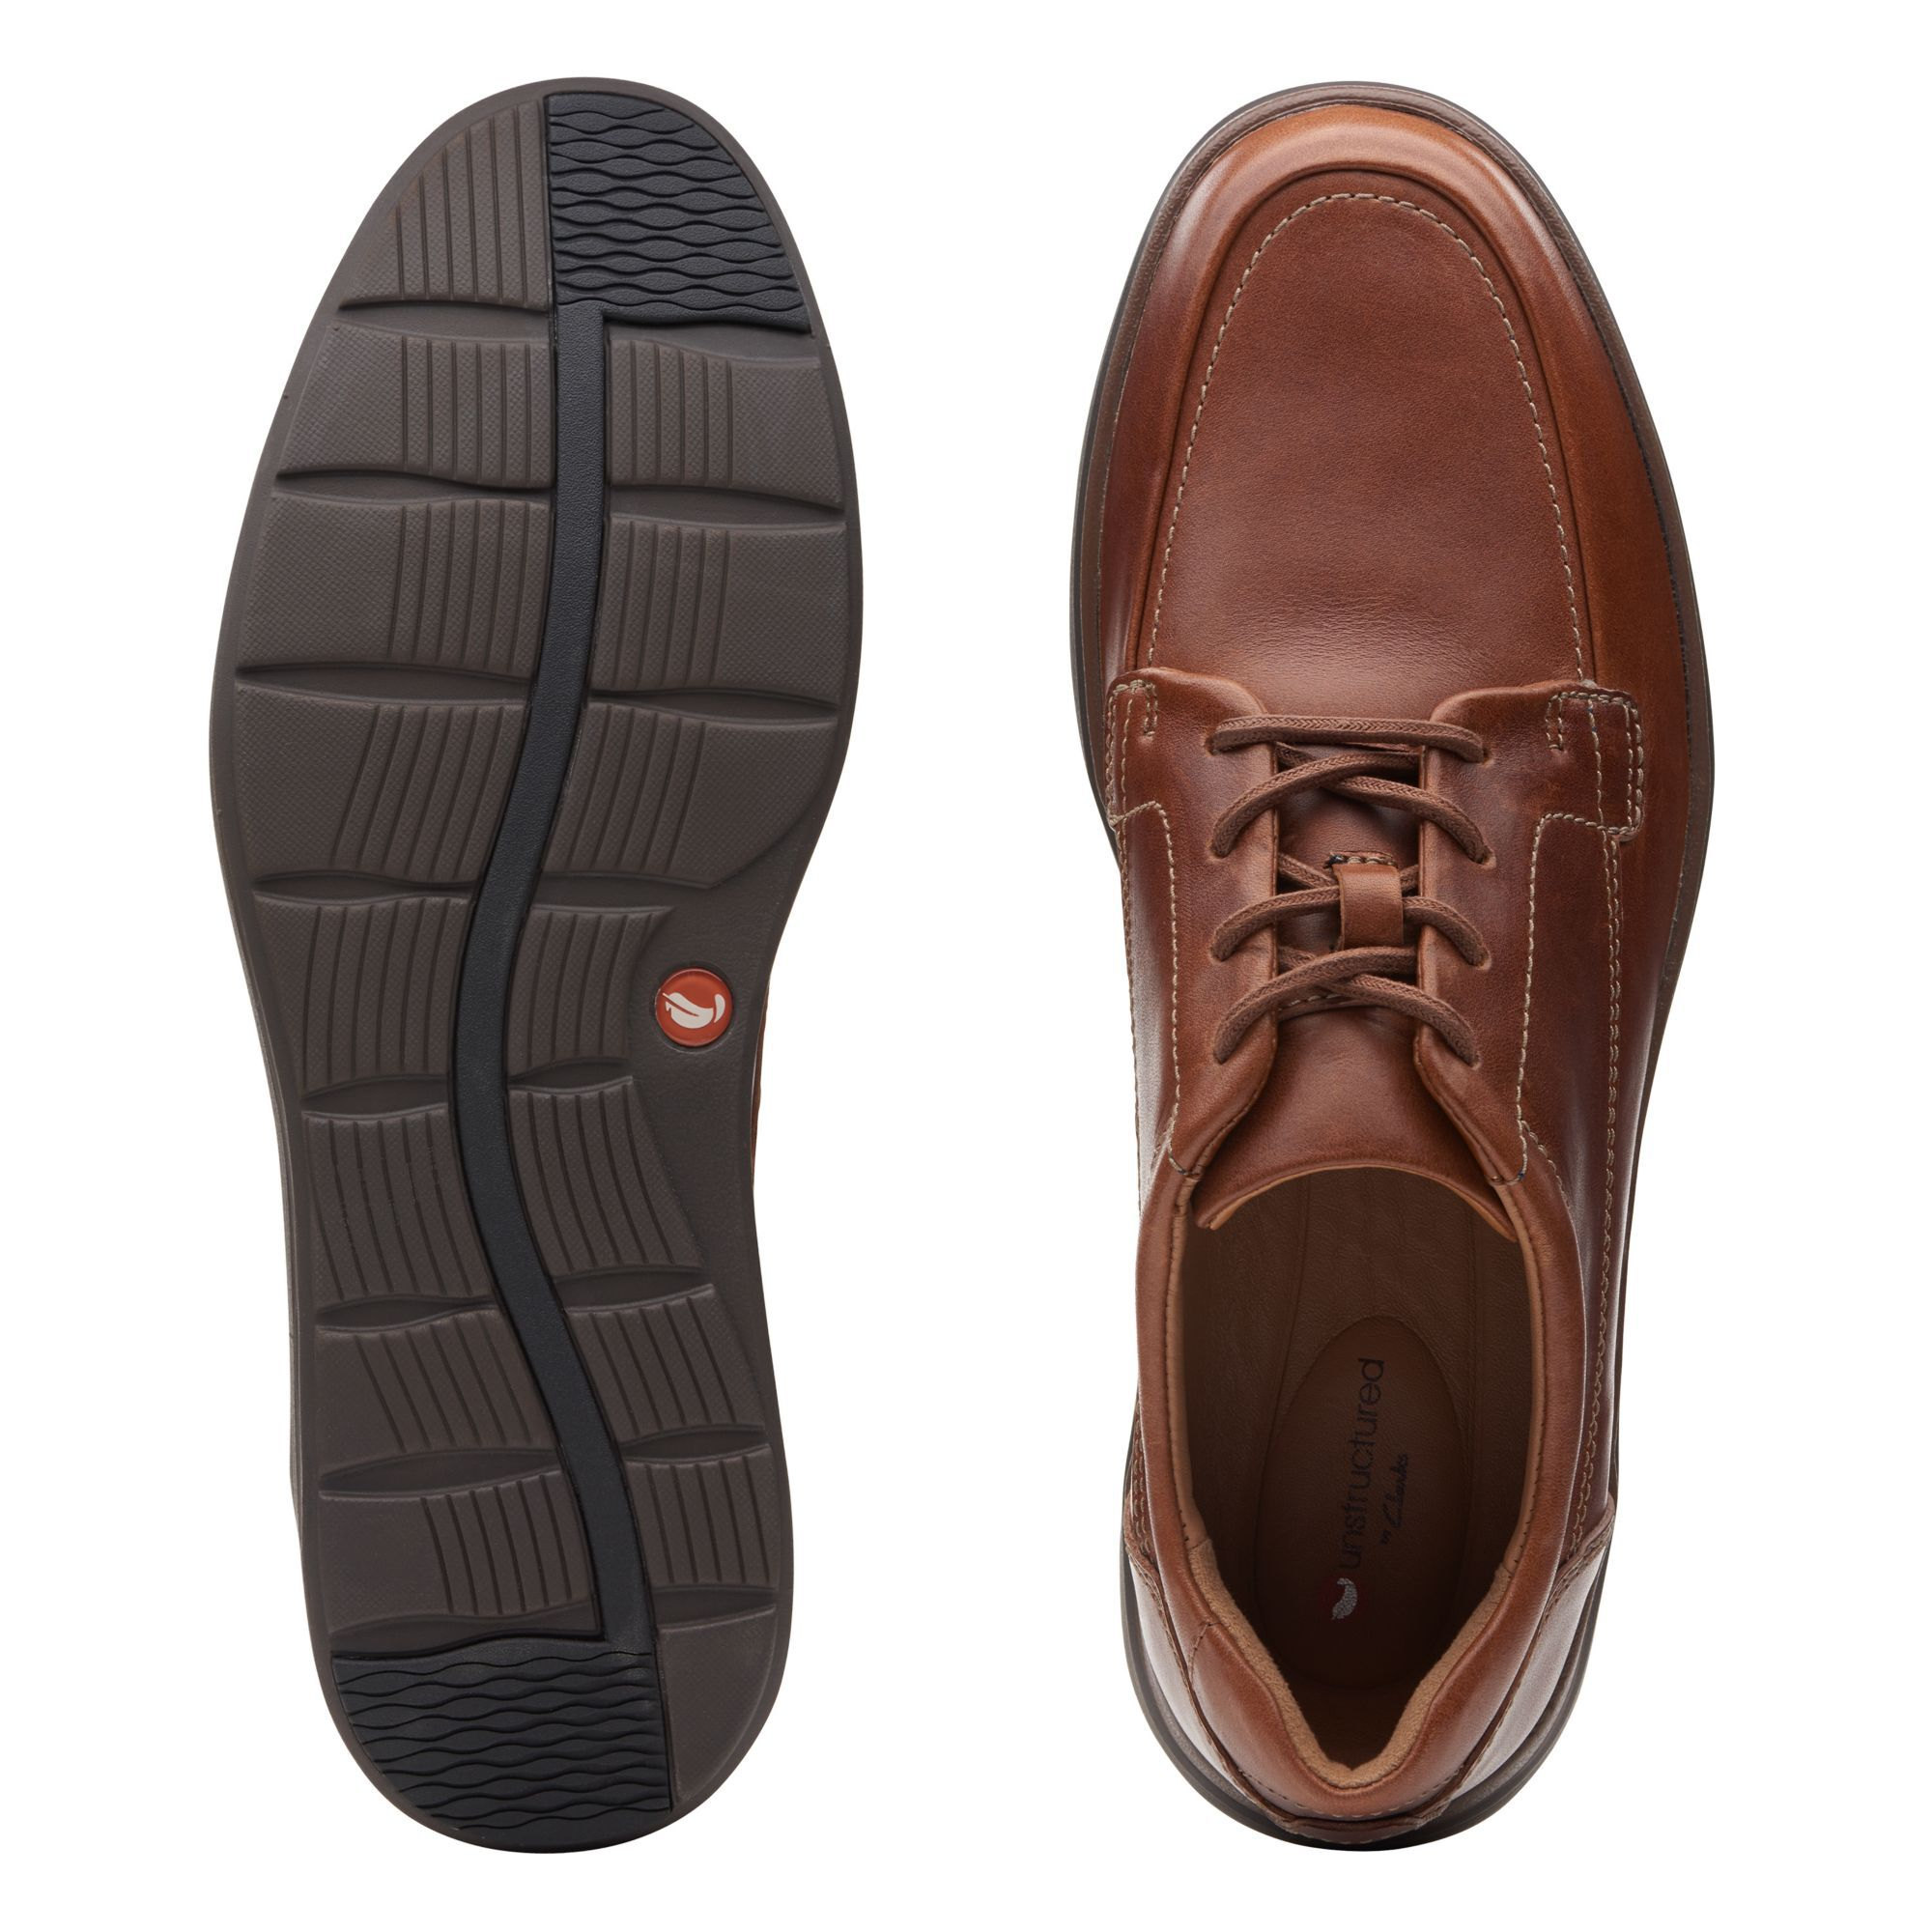 Men's Dark Tan Leather Shoes - Un Abode